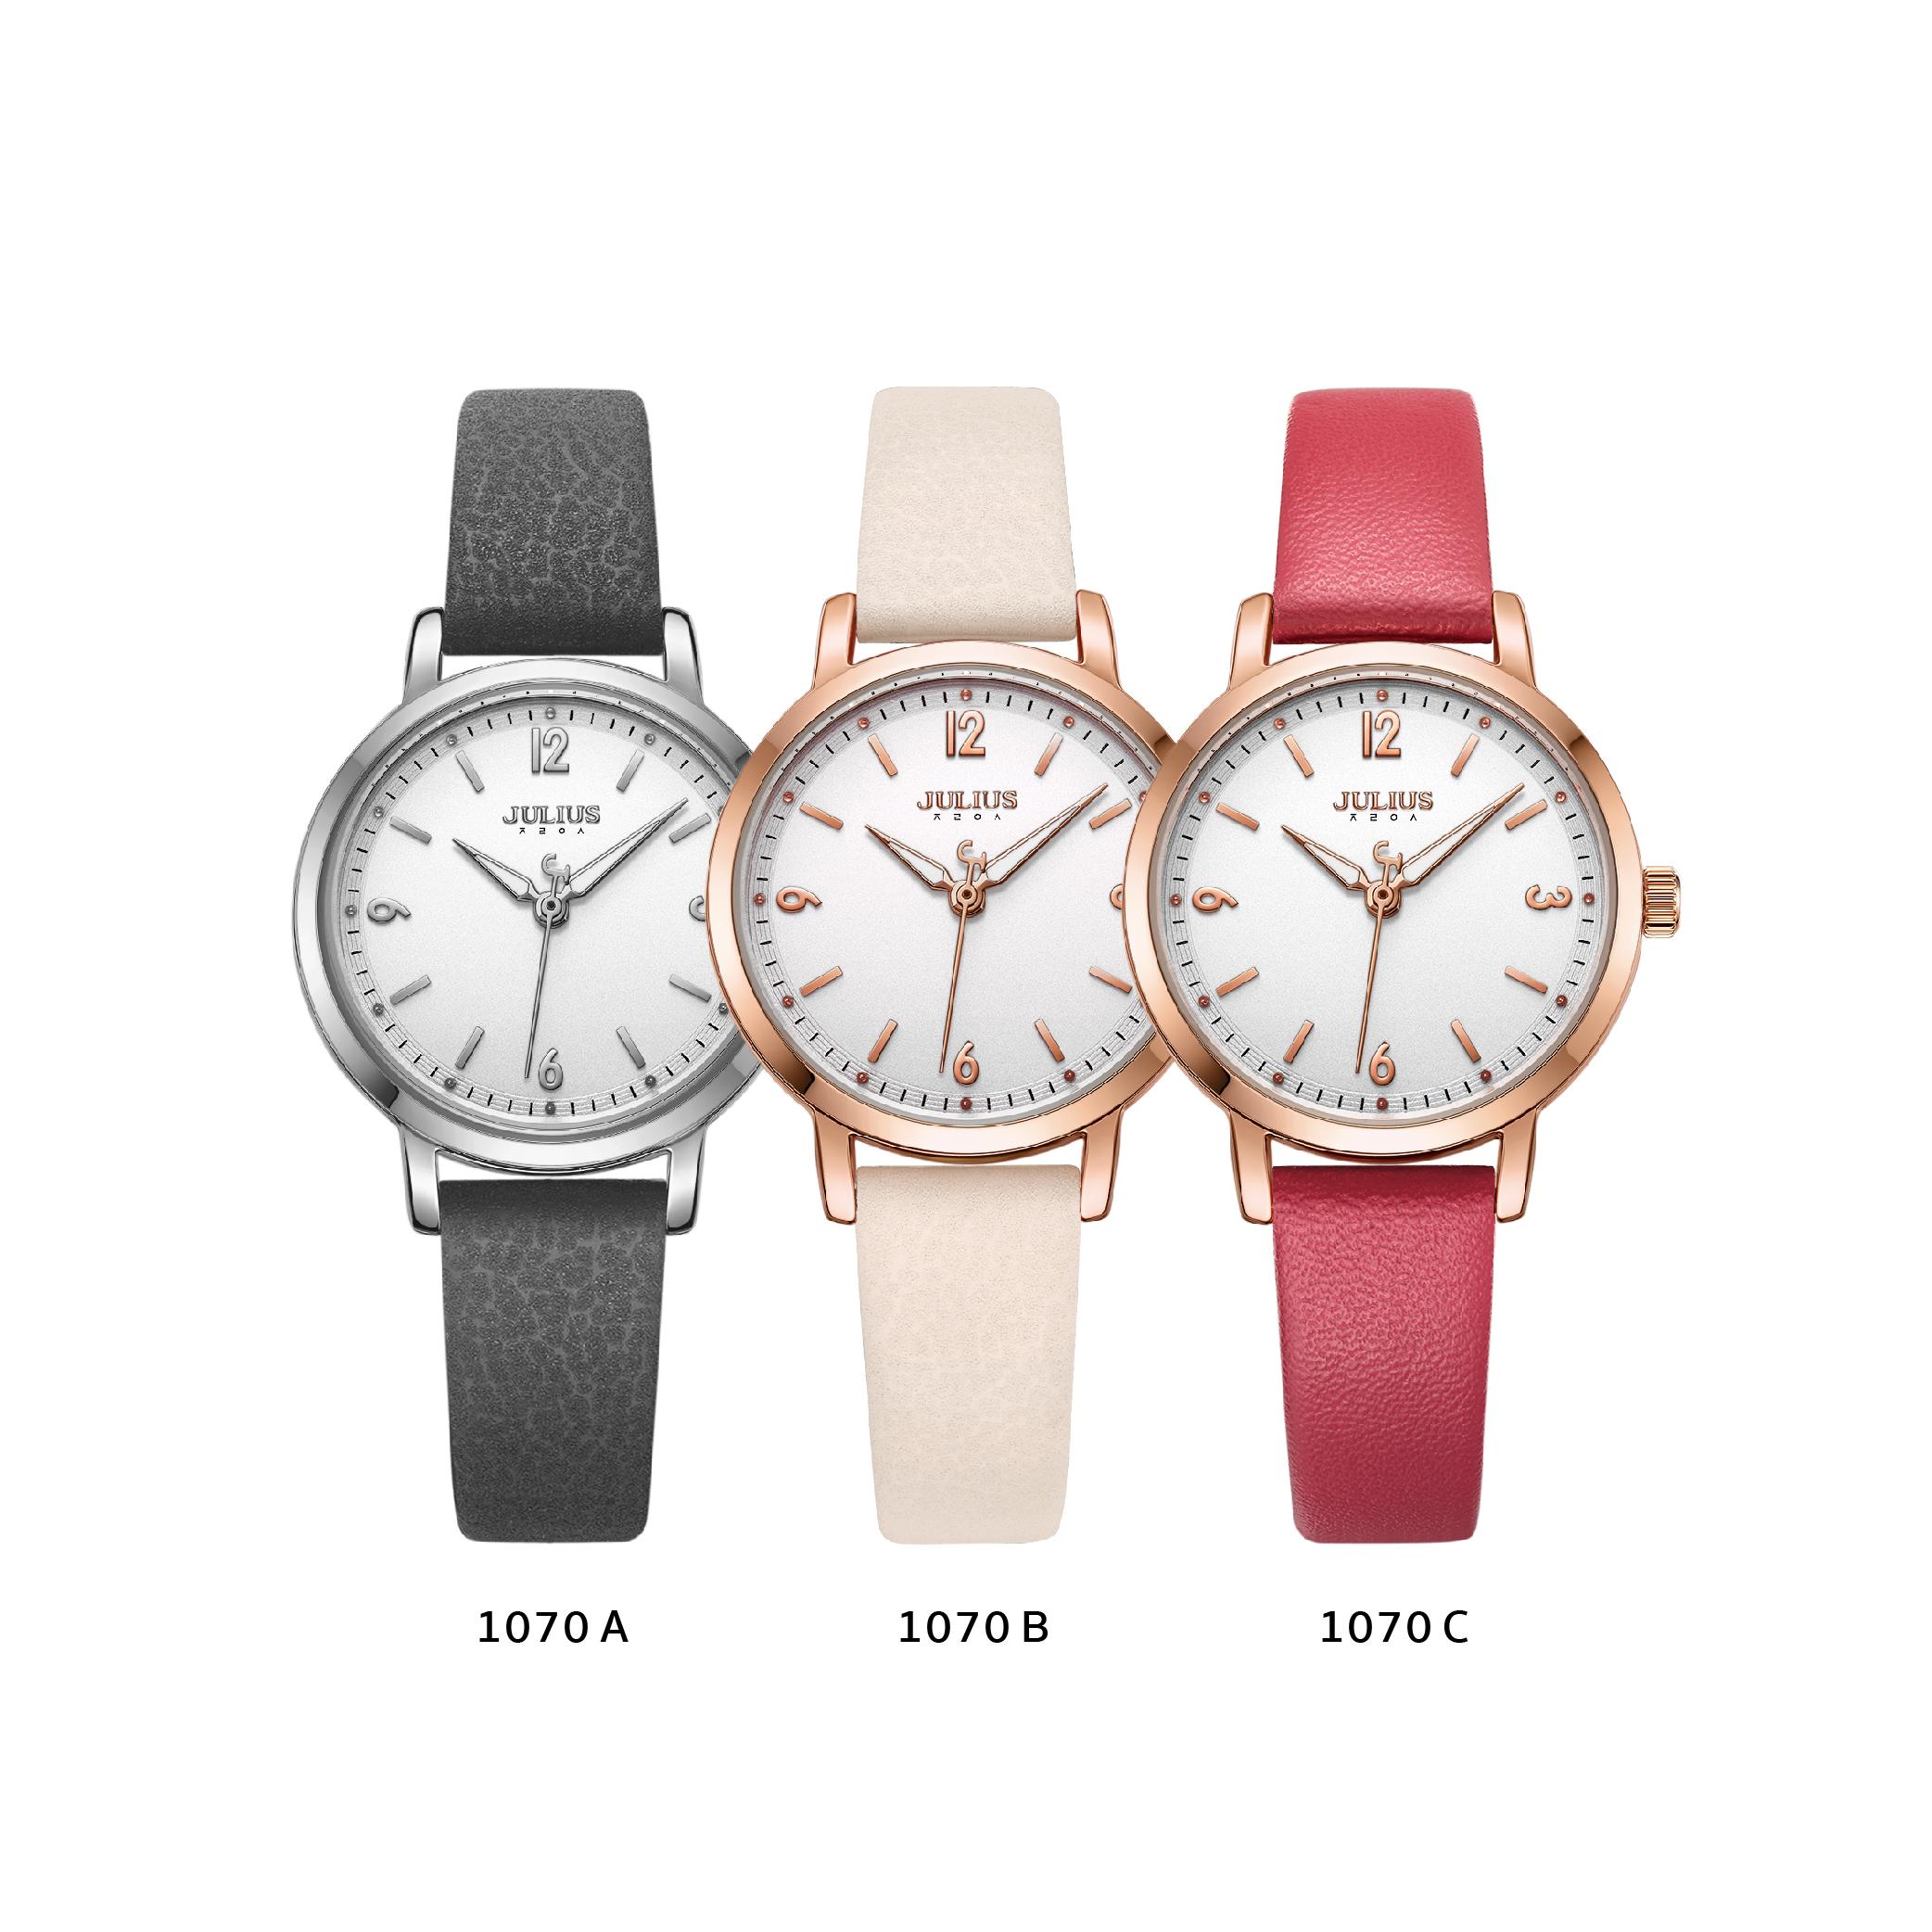 นาฬิกาข้อมือผู้หญิง JULIUS 1070C